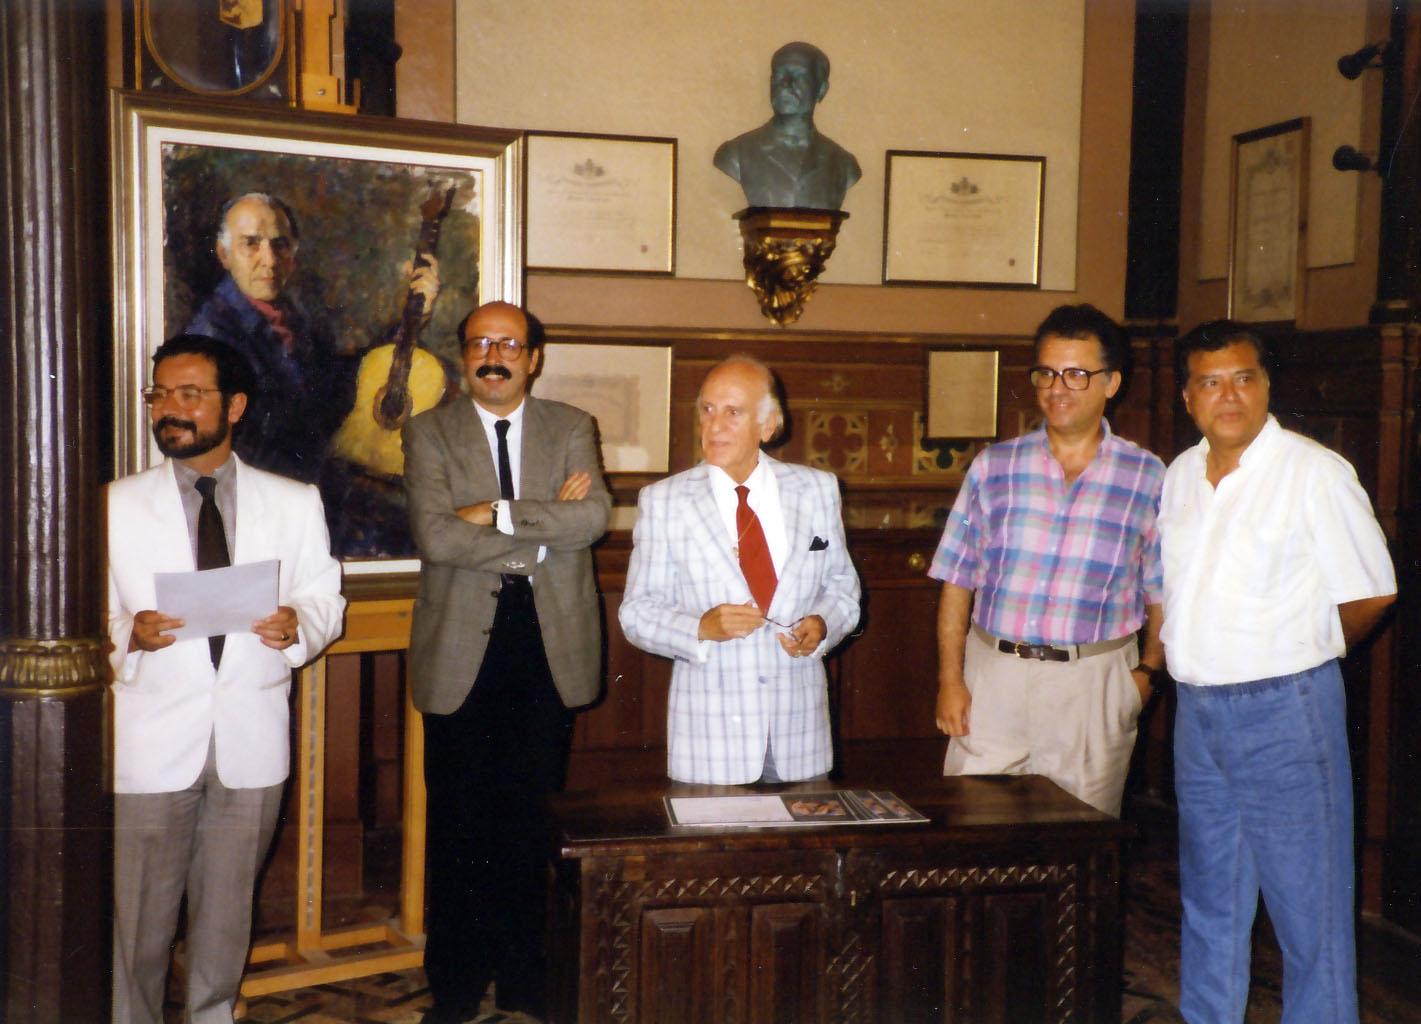 Celedonio honored by his city of Málaga Hijo Predilecto con la Medalla de Oro